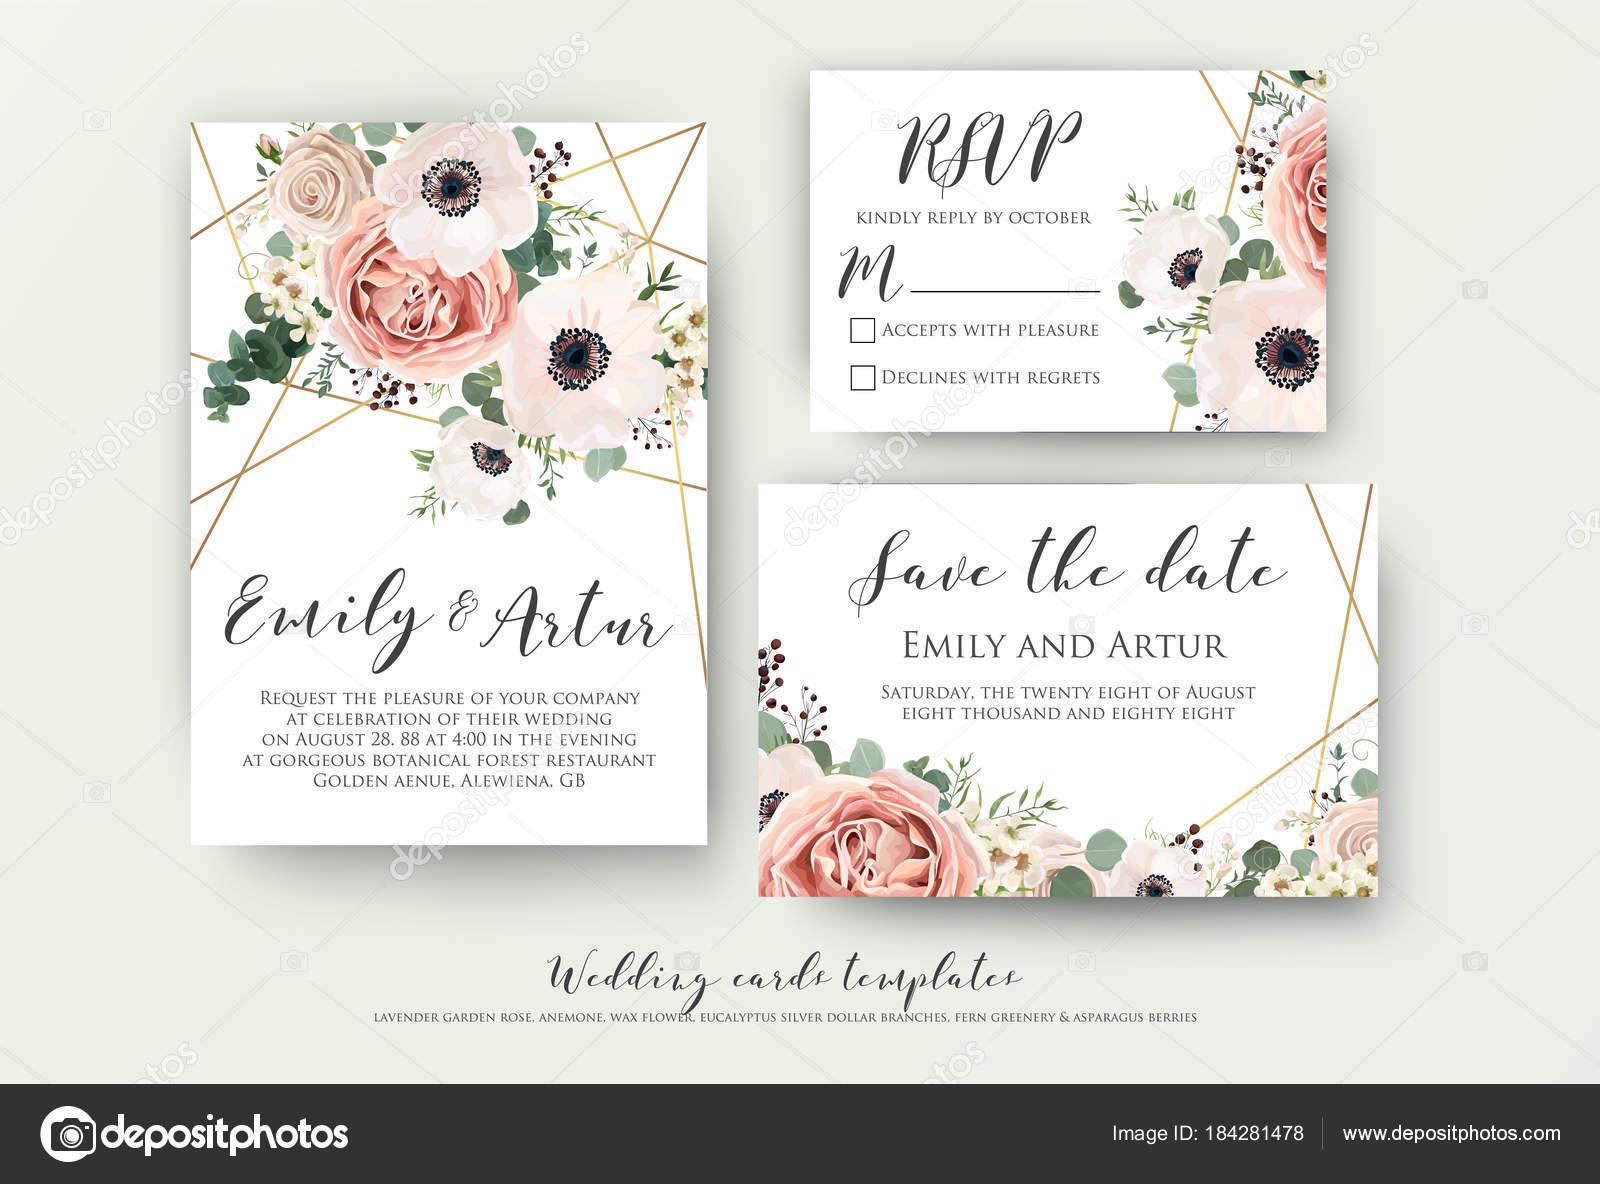 Hochzeitseinladung, Einladung, rsvp speichern das Datum Kartendesign ...